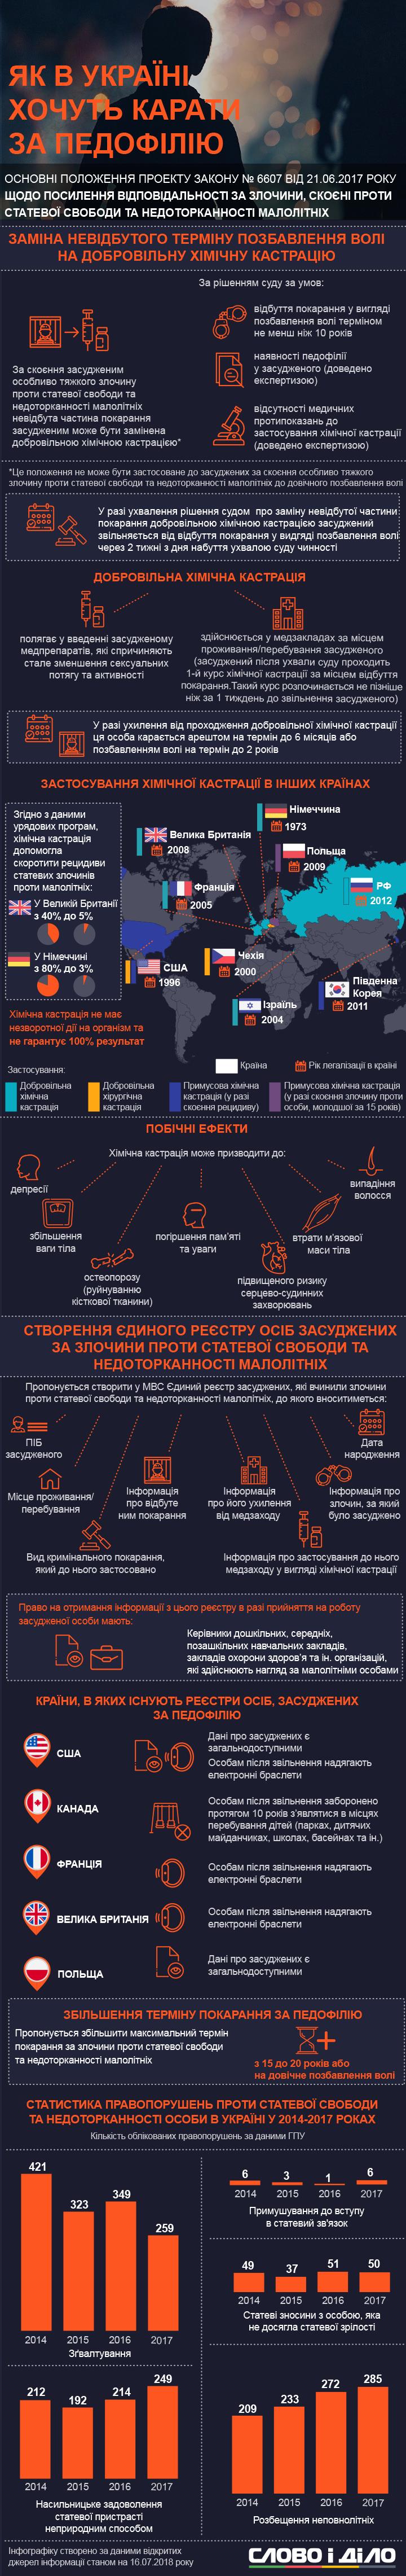 В Україні можуть запровадити добровільну хімічну кастрацію для педофілів і створити реєстр засуджених за цей злочин.